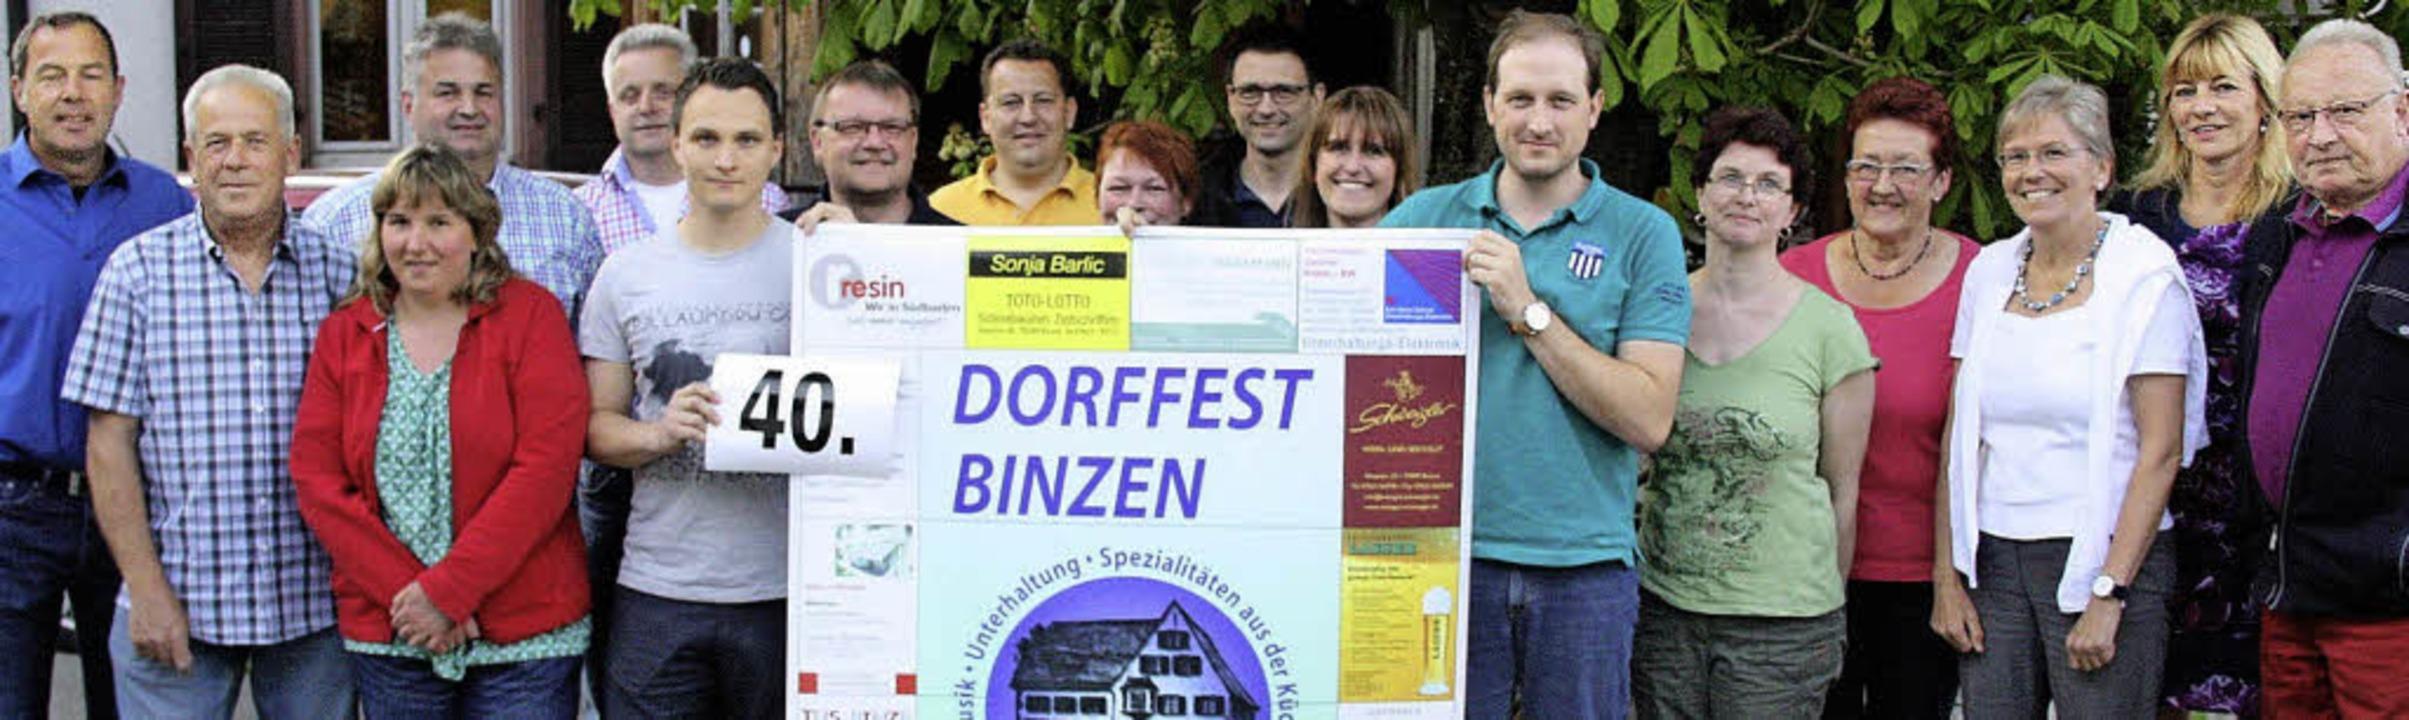 Die Führungsriege der Binzener Dorffes...uflage der Festtage  rund ums Rathaus.  | Foto: Walter Bronner